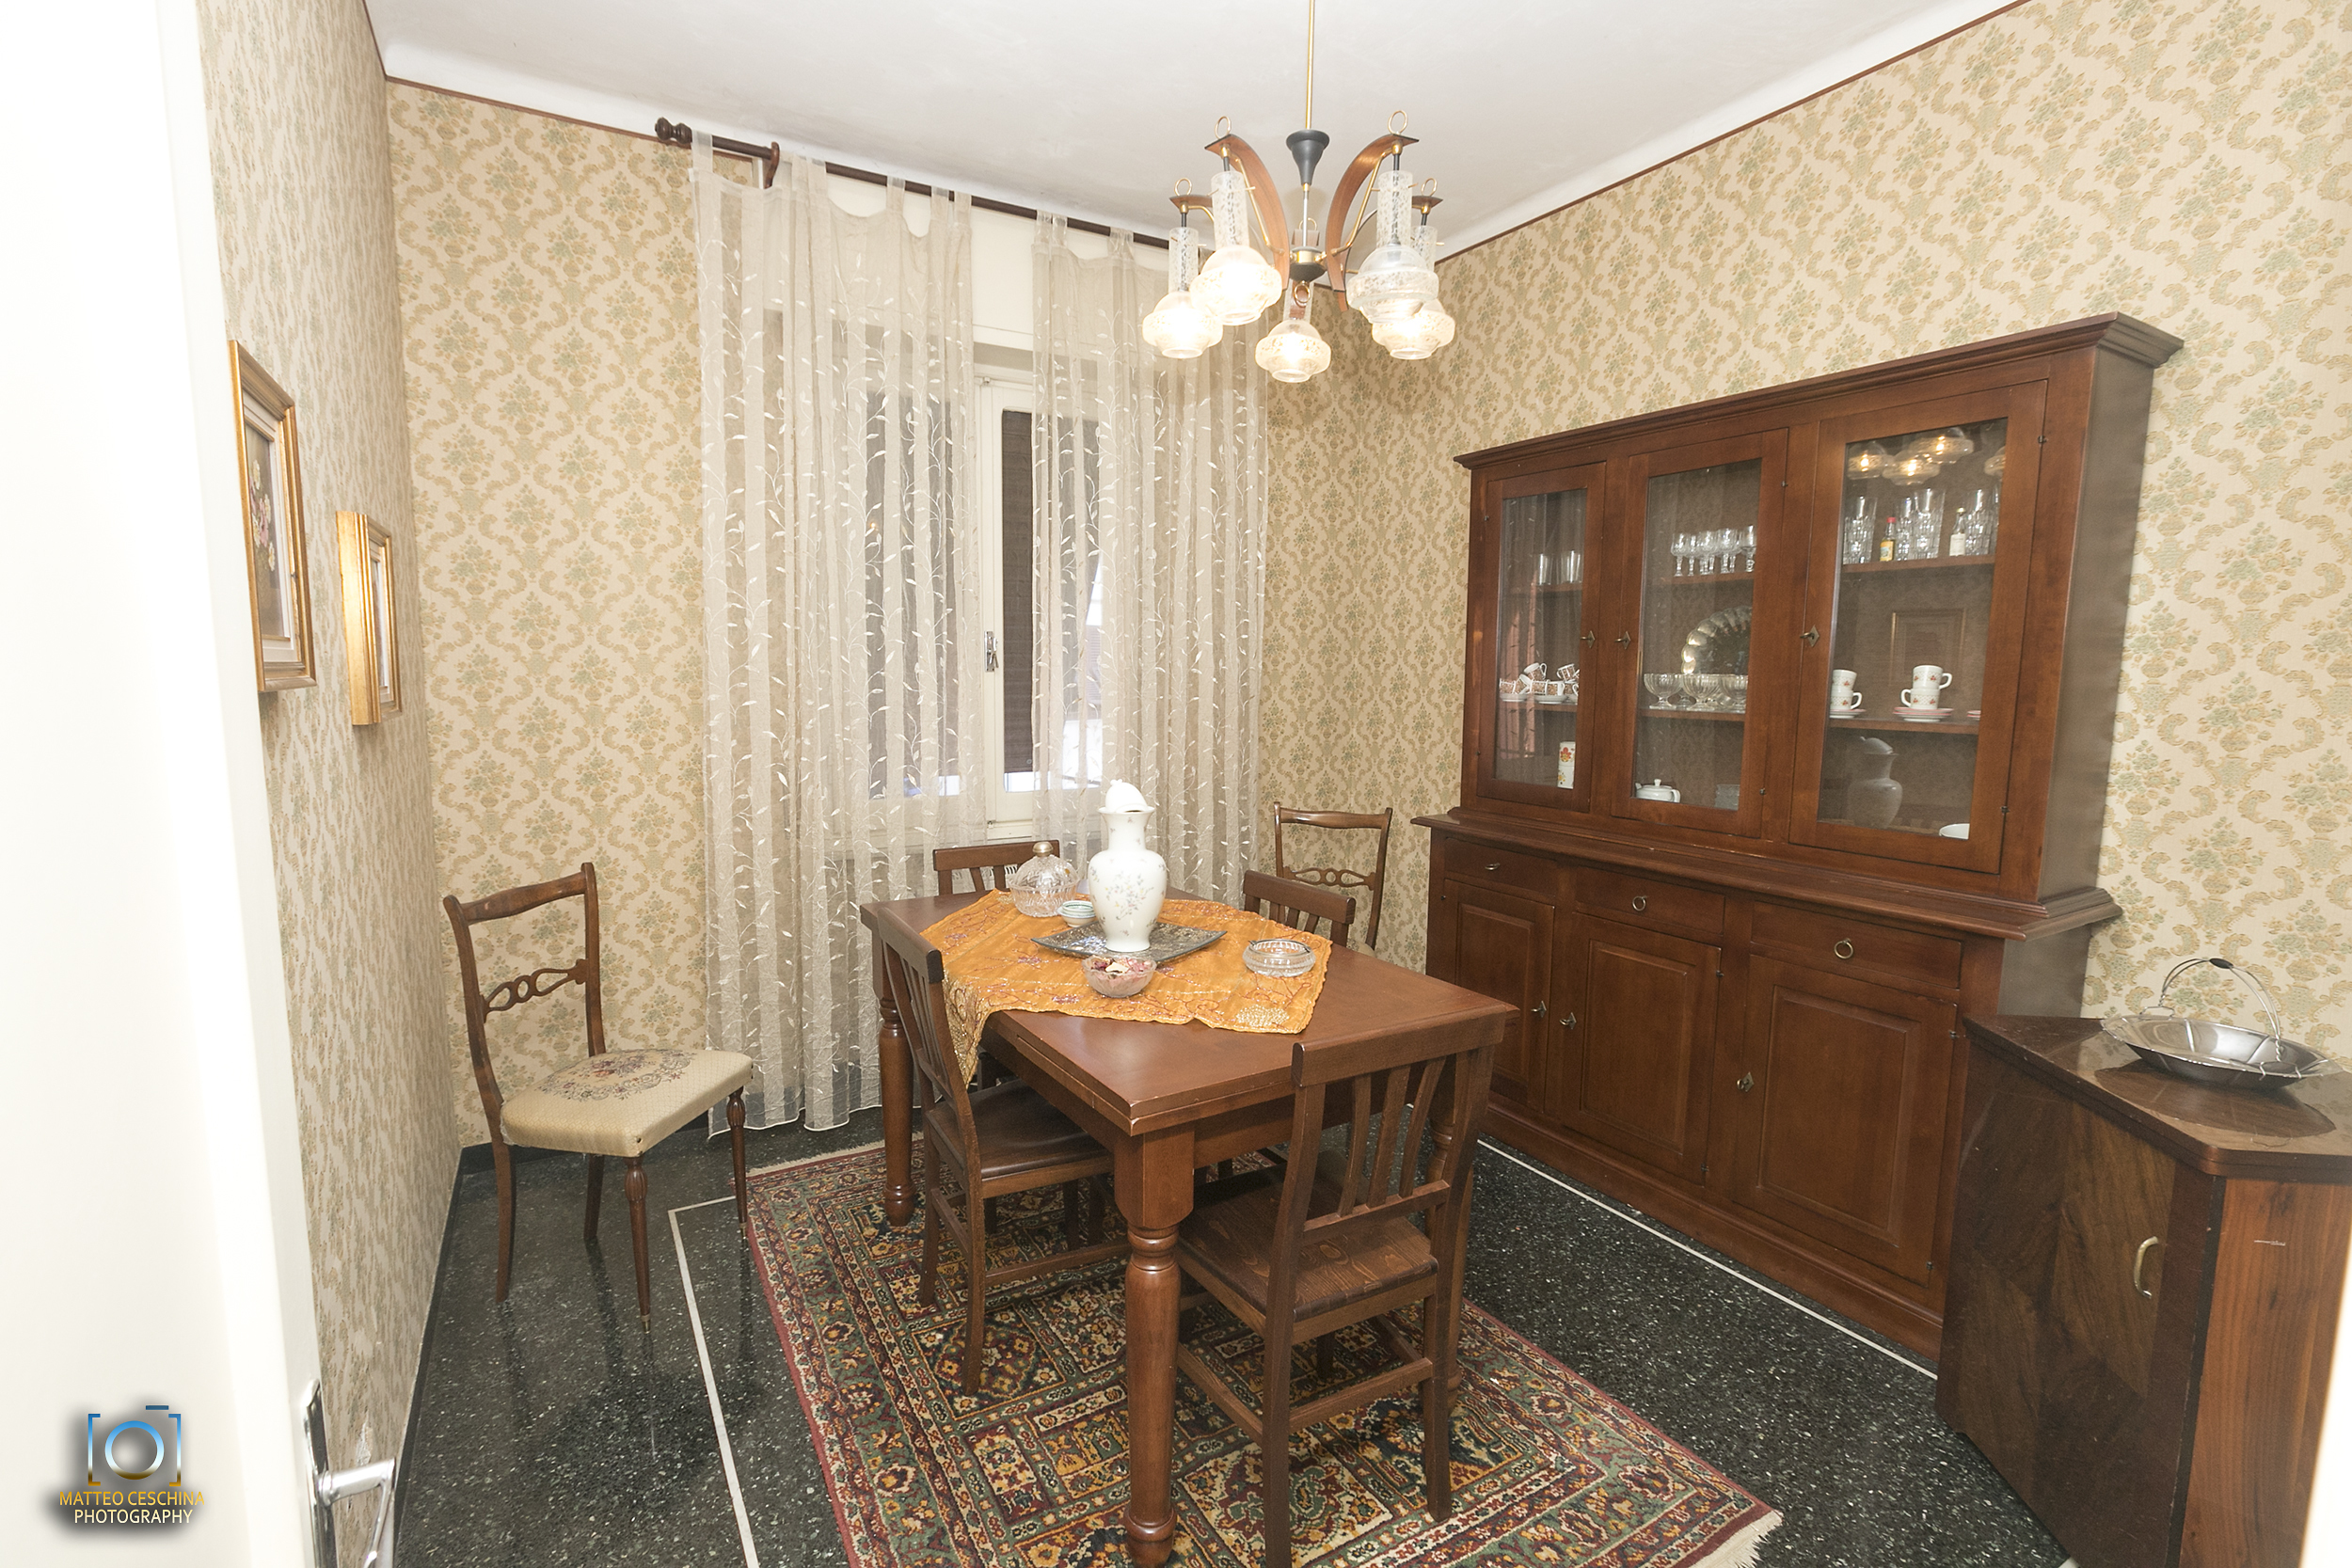 Codice 1165 appartamento in vendita a serra ricc for Planimetrie della serra